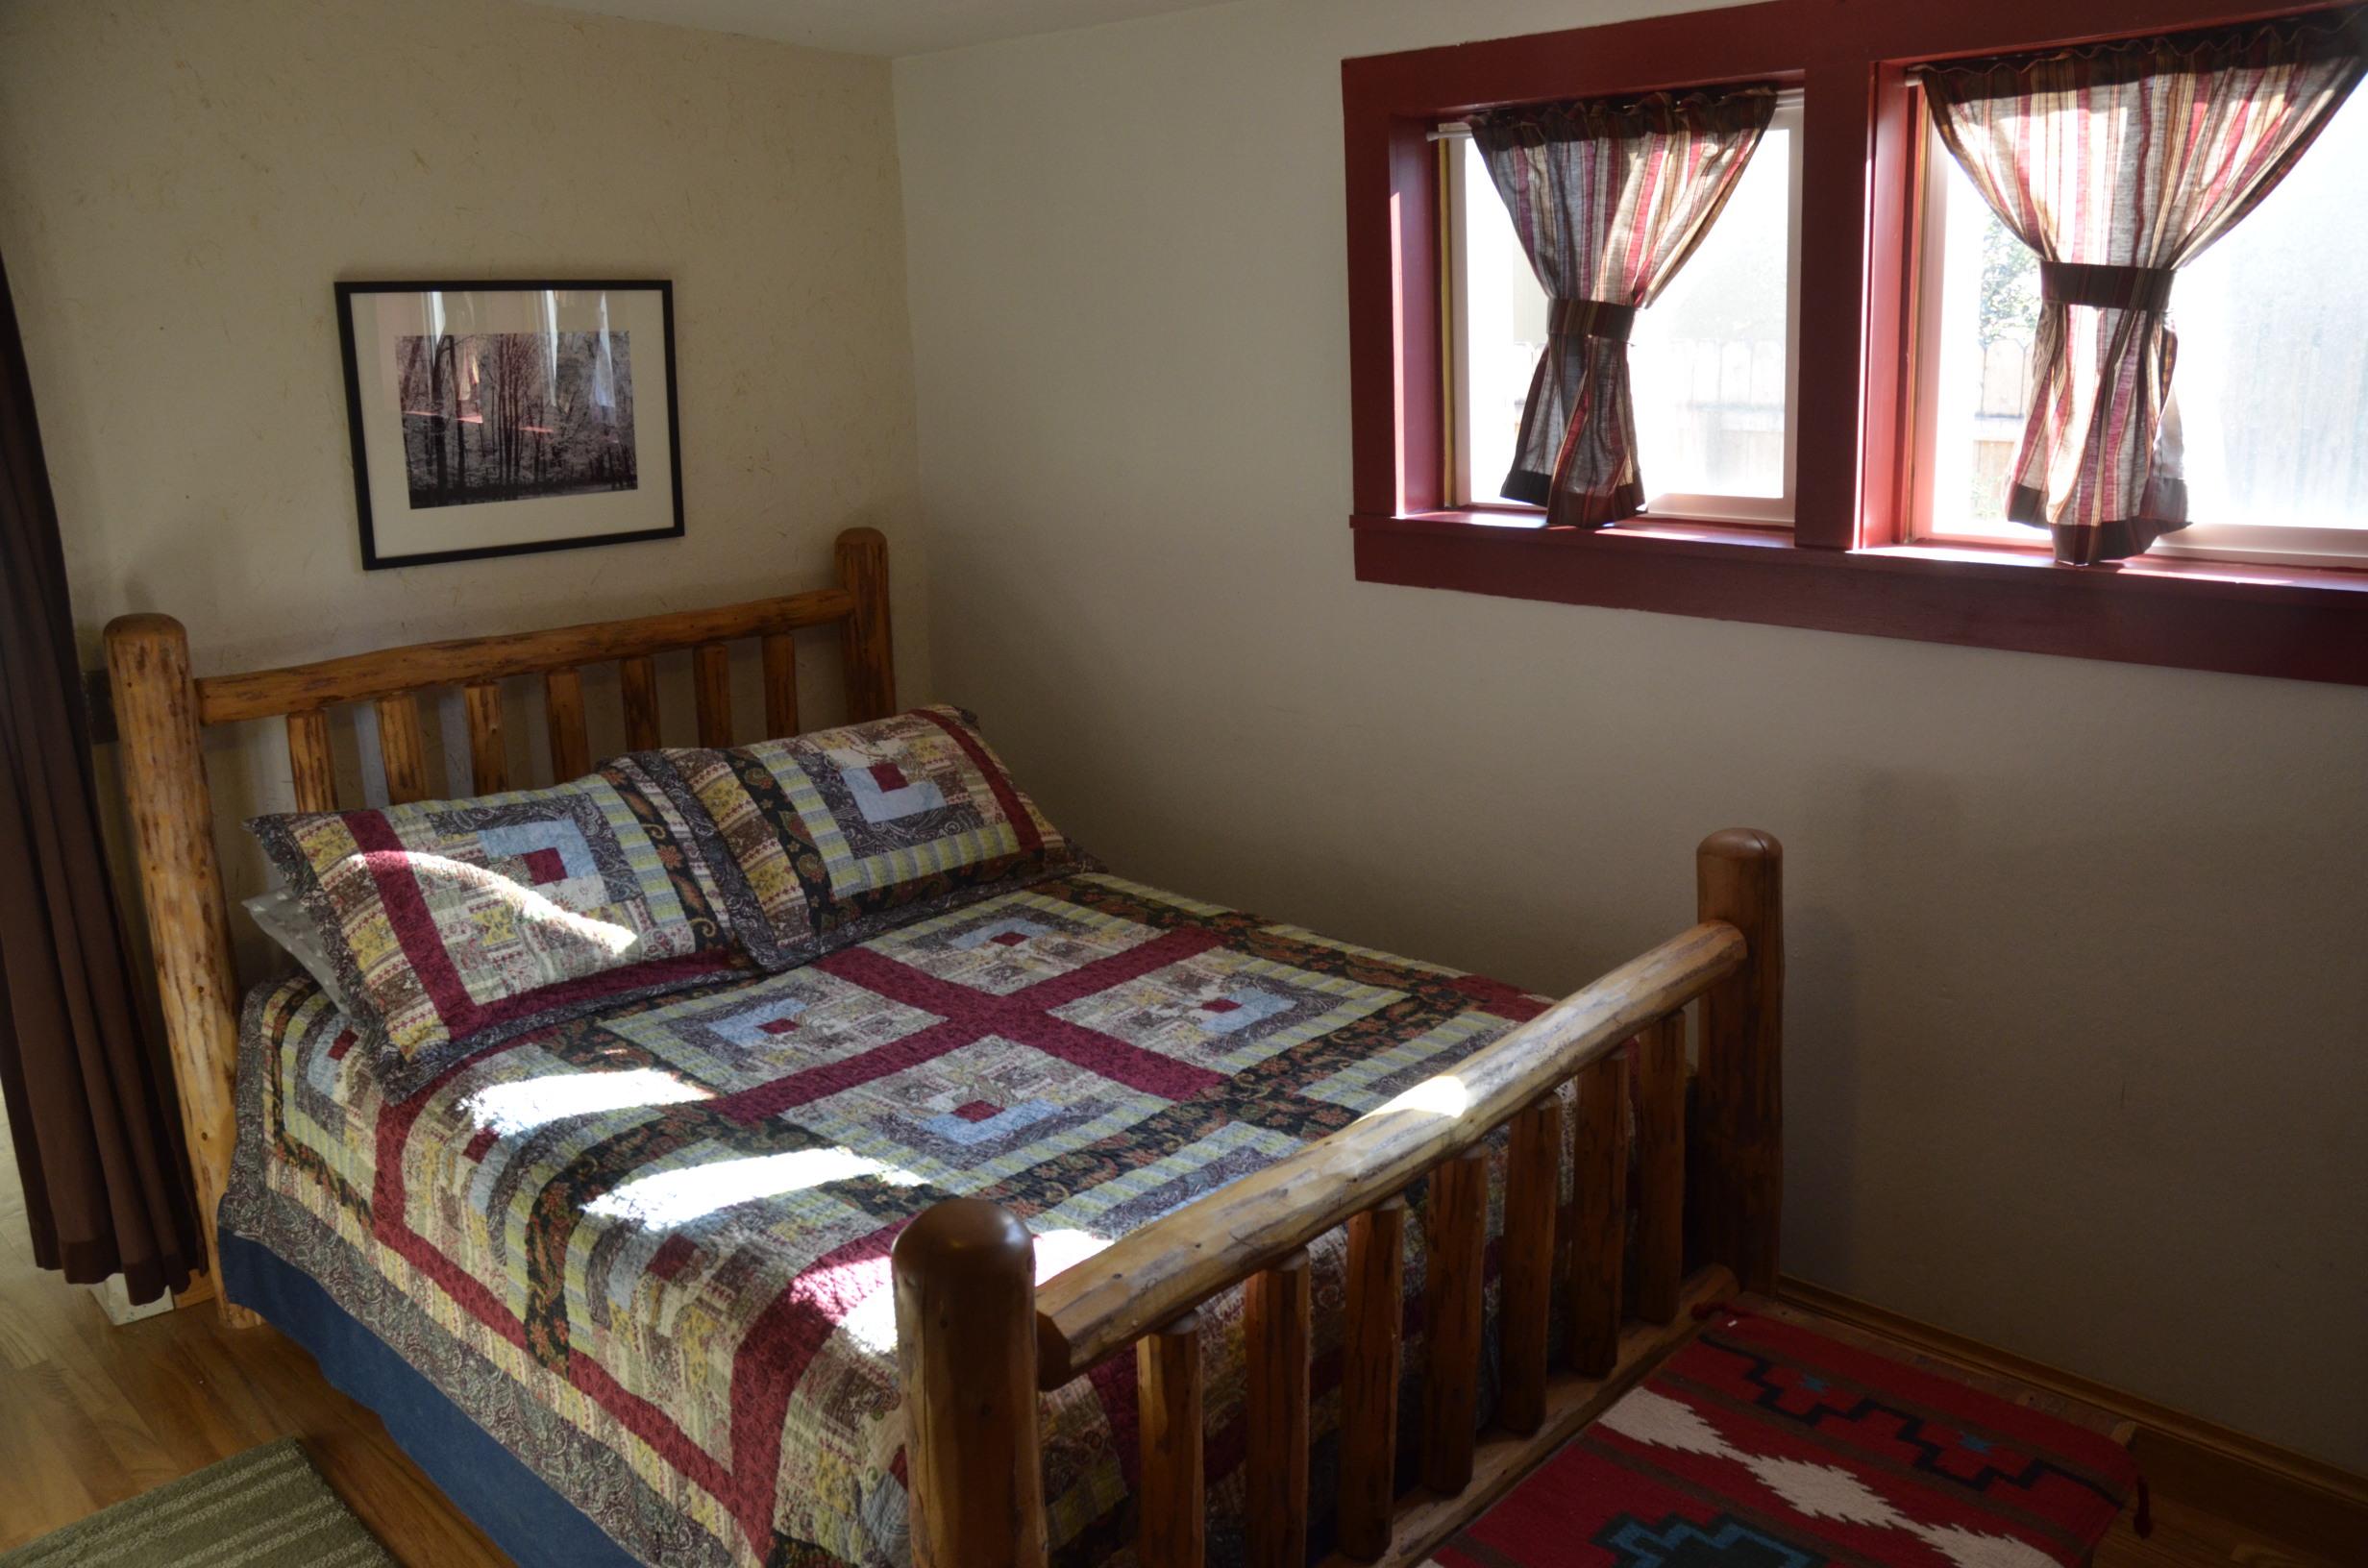 _0181730 house bedroom 2.JPG